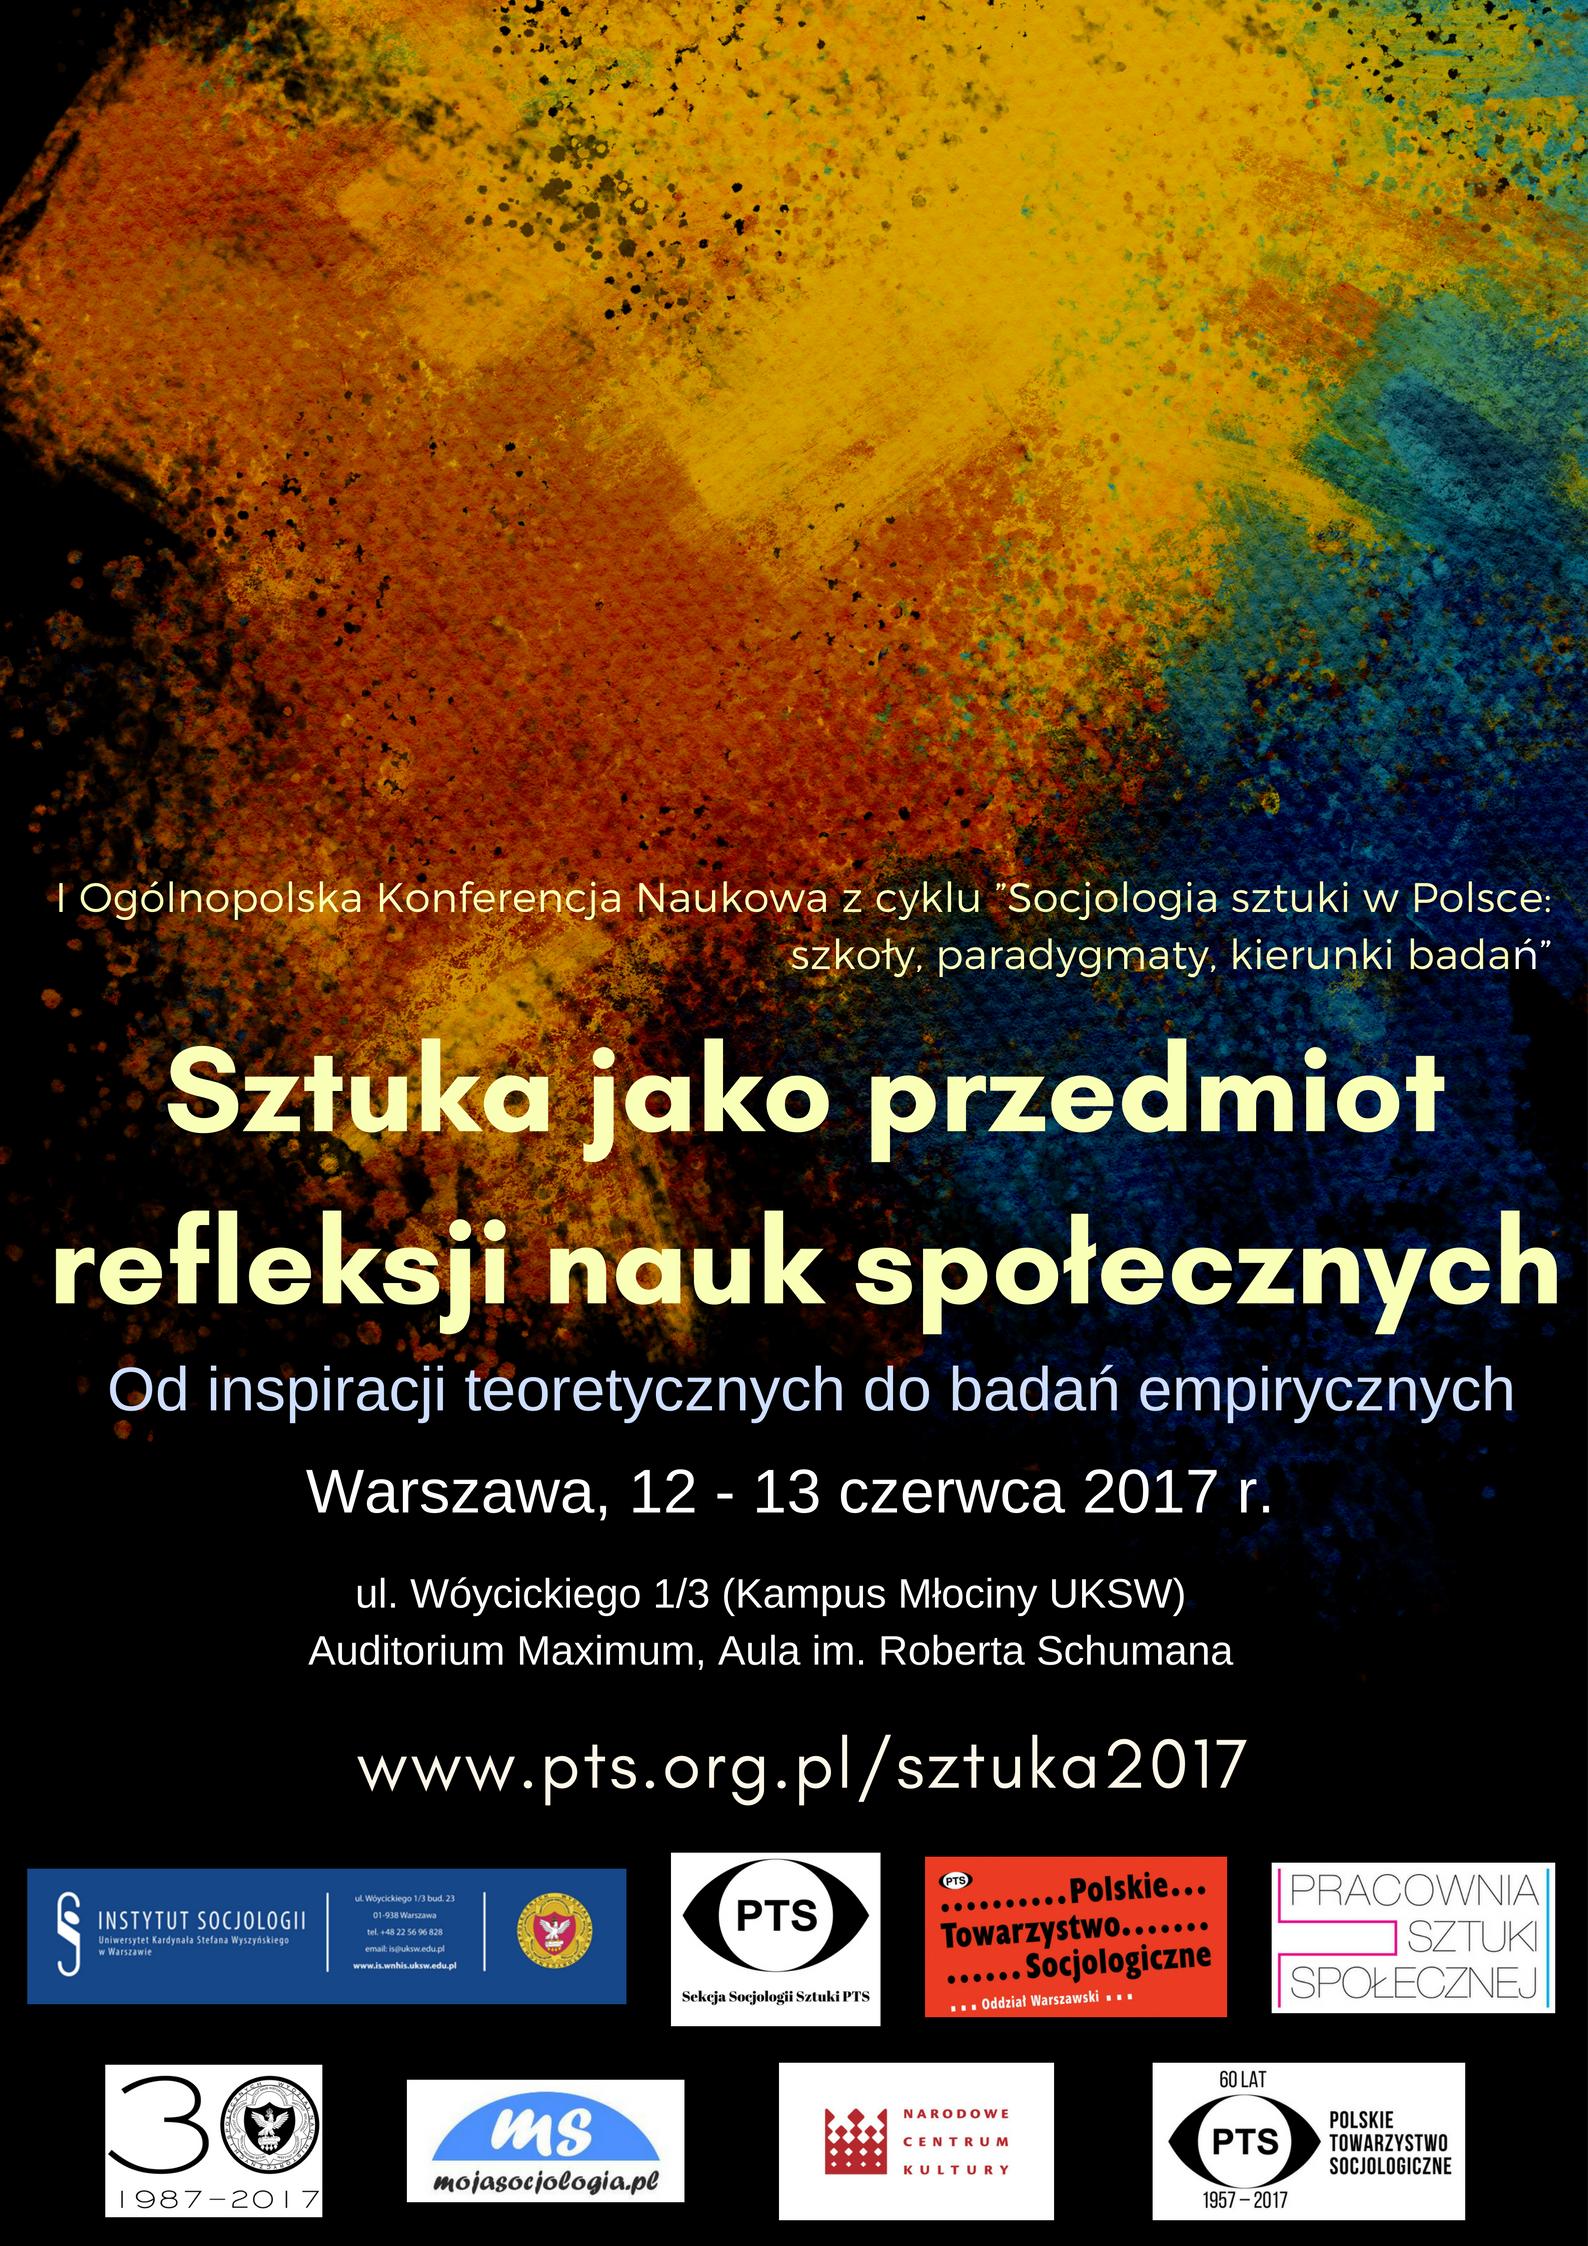 Poster sztuka 2017 (3)